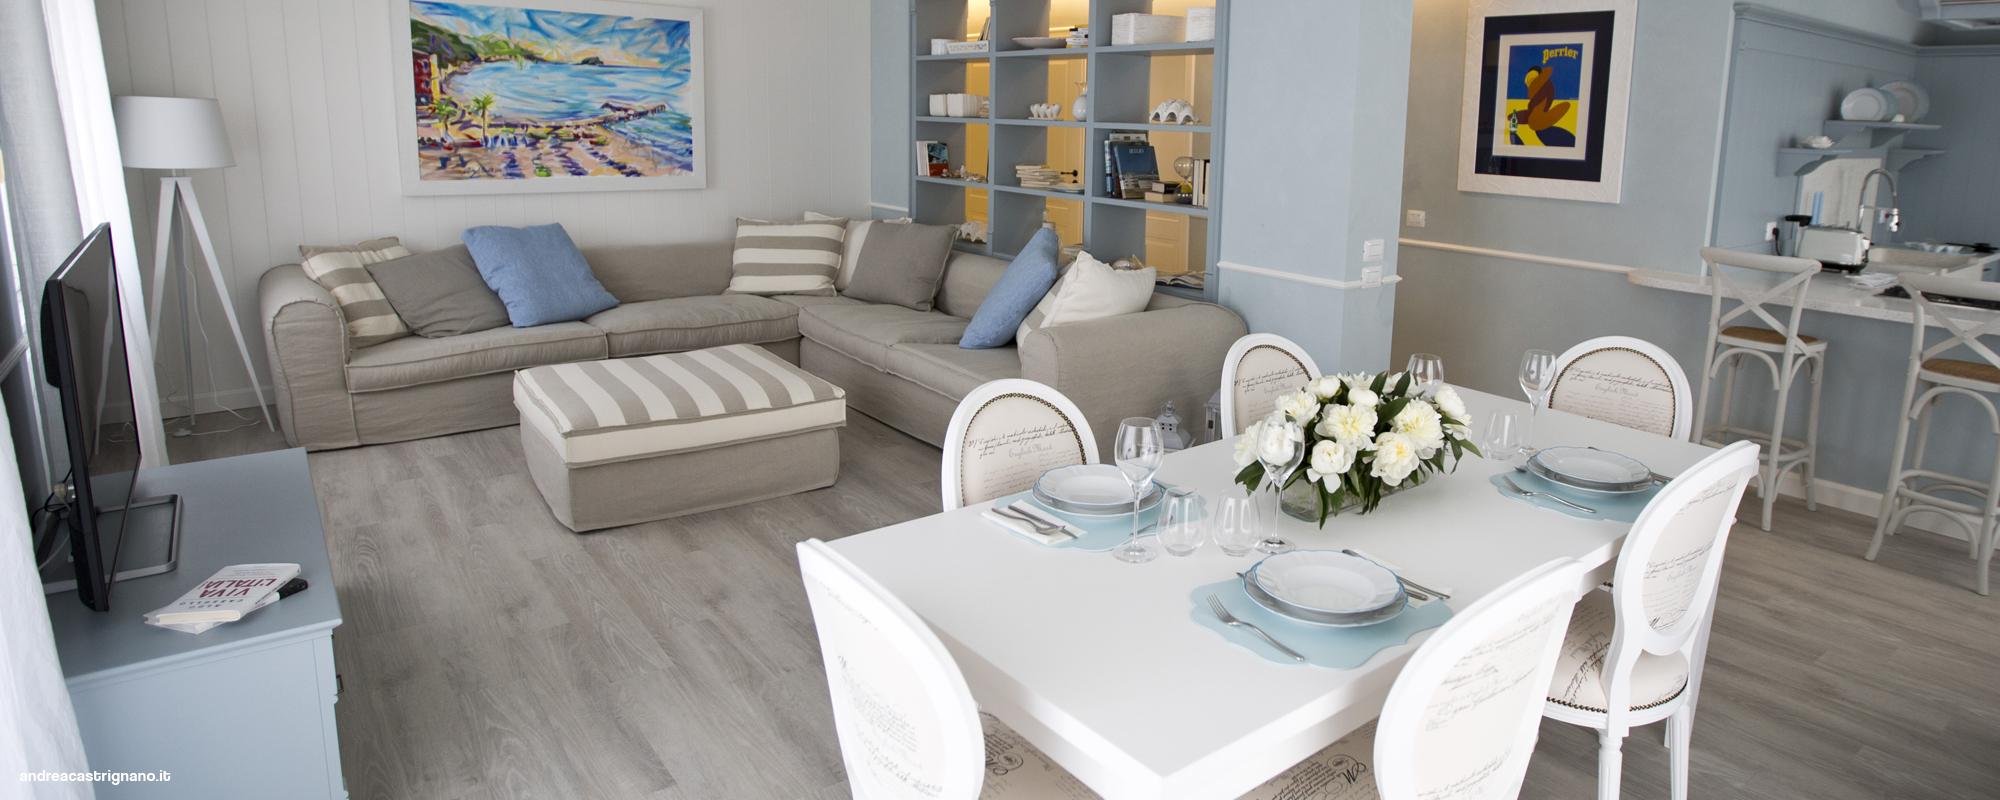 Divani casa al mare idee per il design della casa - Pavimenti per casa al mare ...